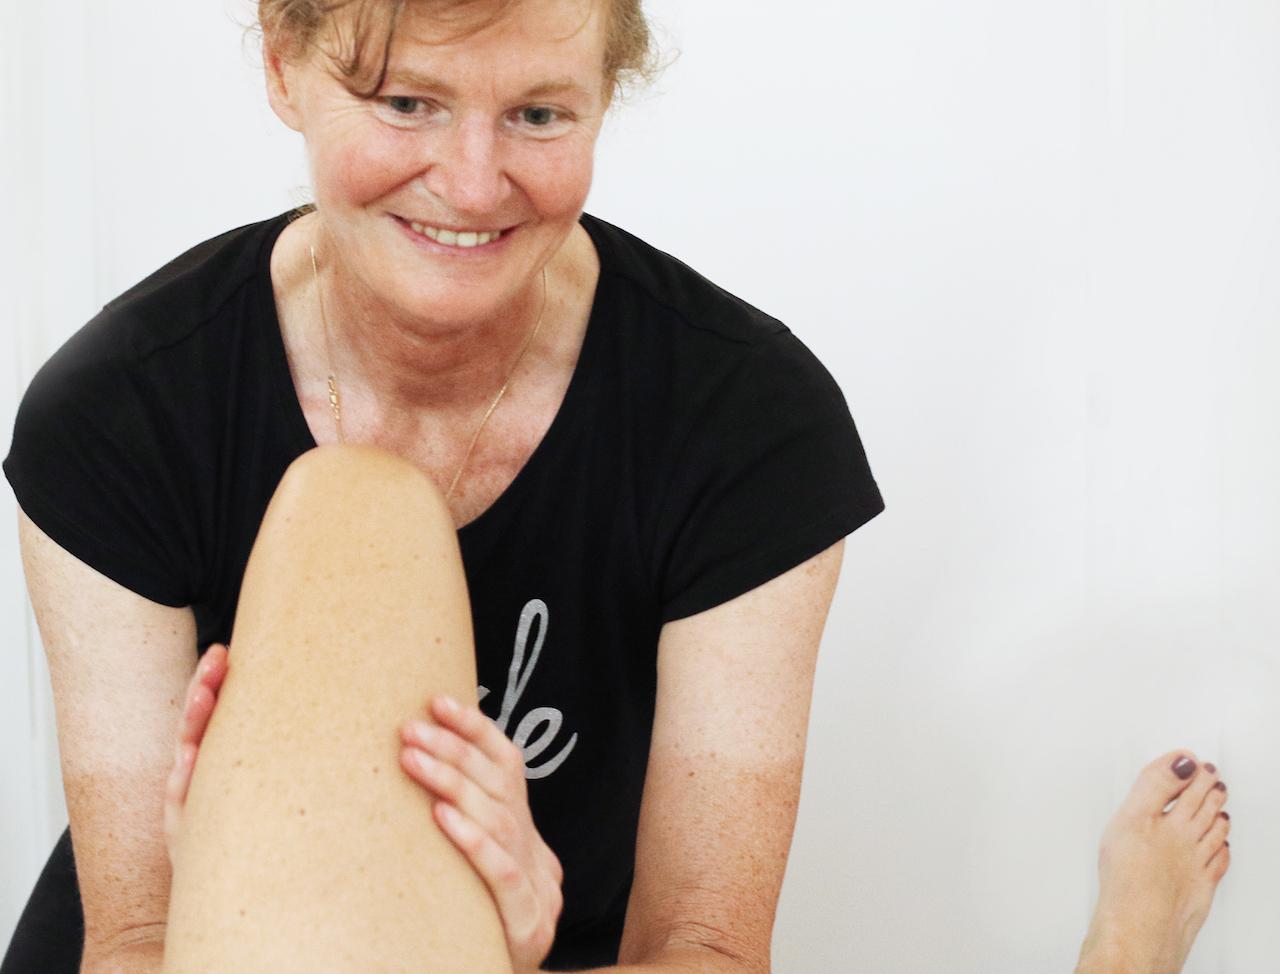 Da chi mi faccio massaggiare? La rubrica di Jutta